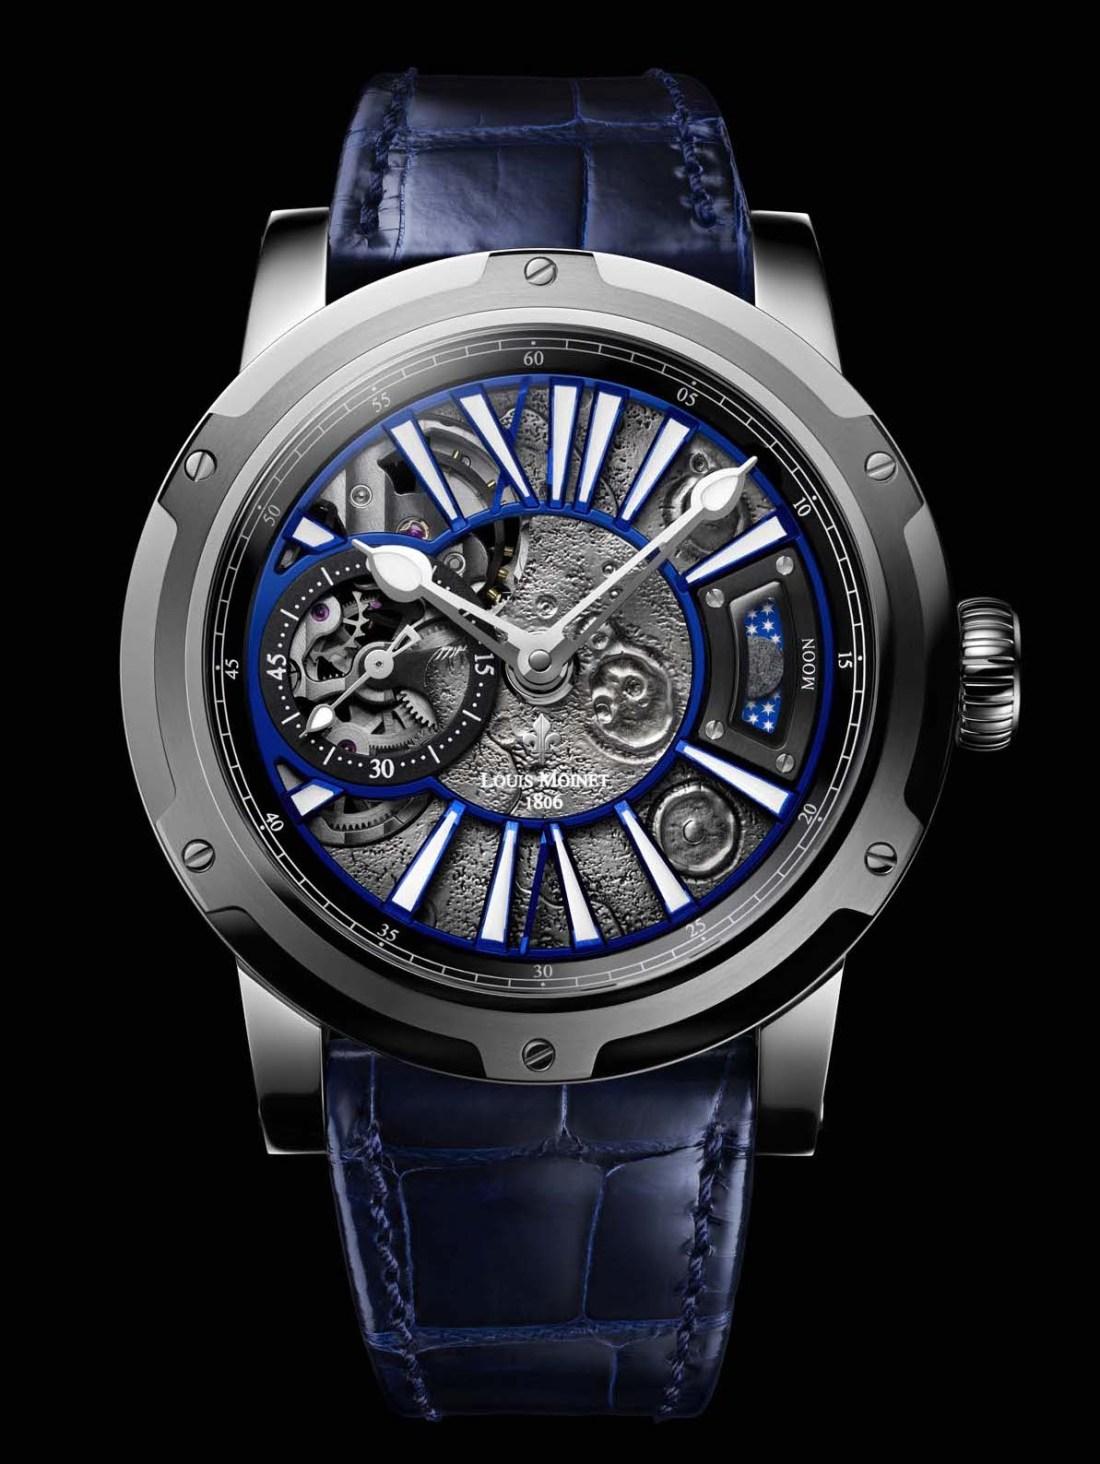 Reloj con correas de piel en color azul con detalles en color plateado con blanco